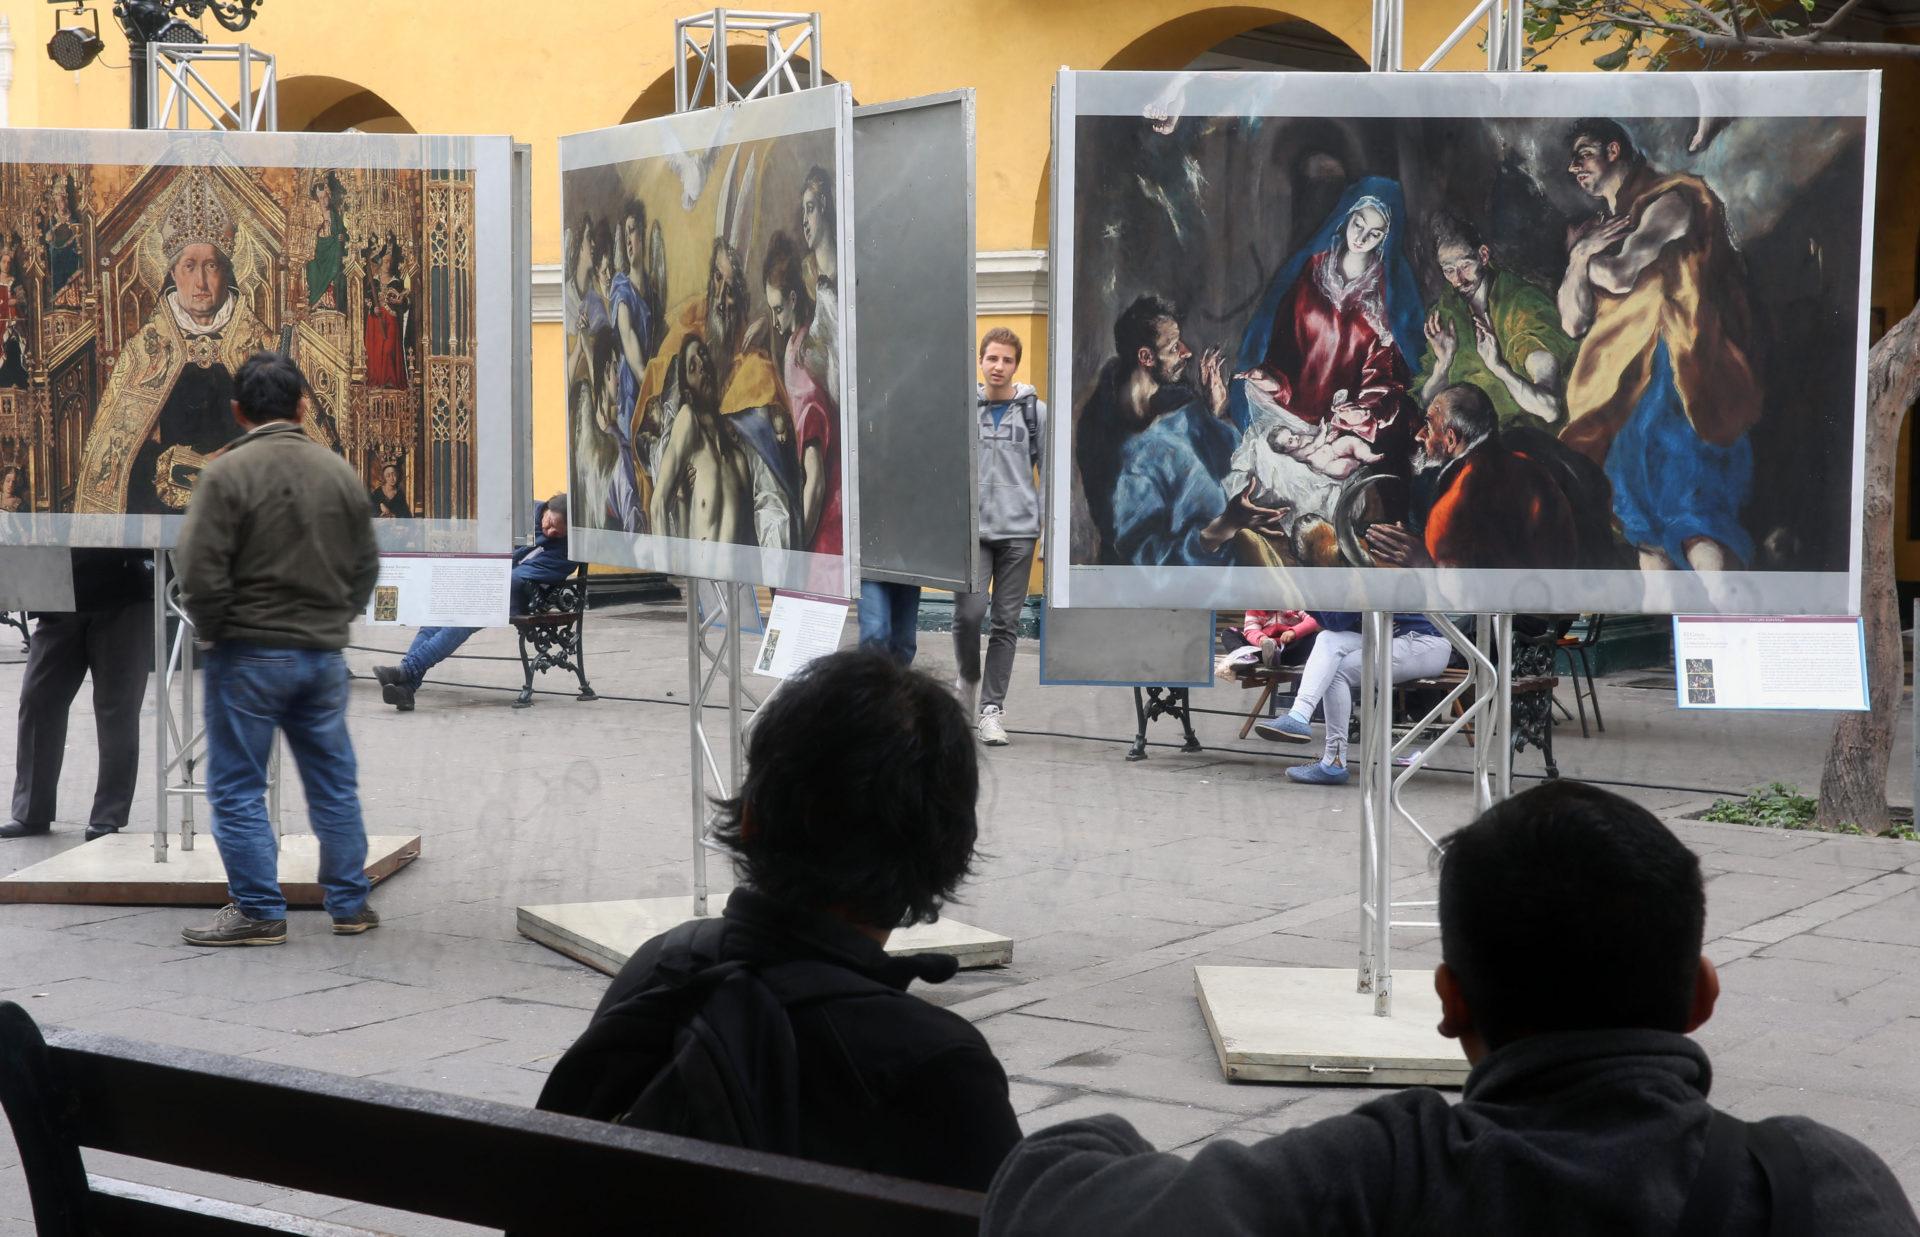 fotografia de Las obras más famosas del Museo del Prado de Madrid toman las calles de Lima EFE bbva